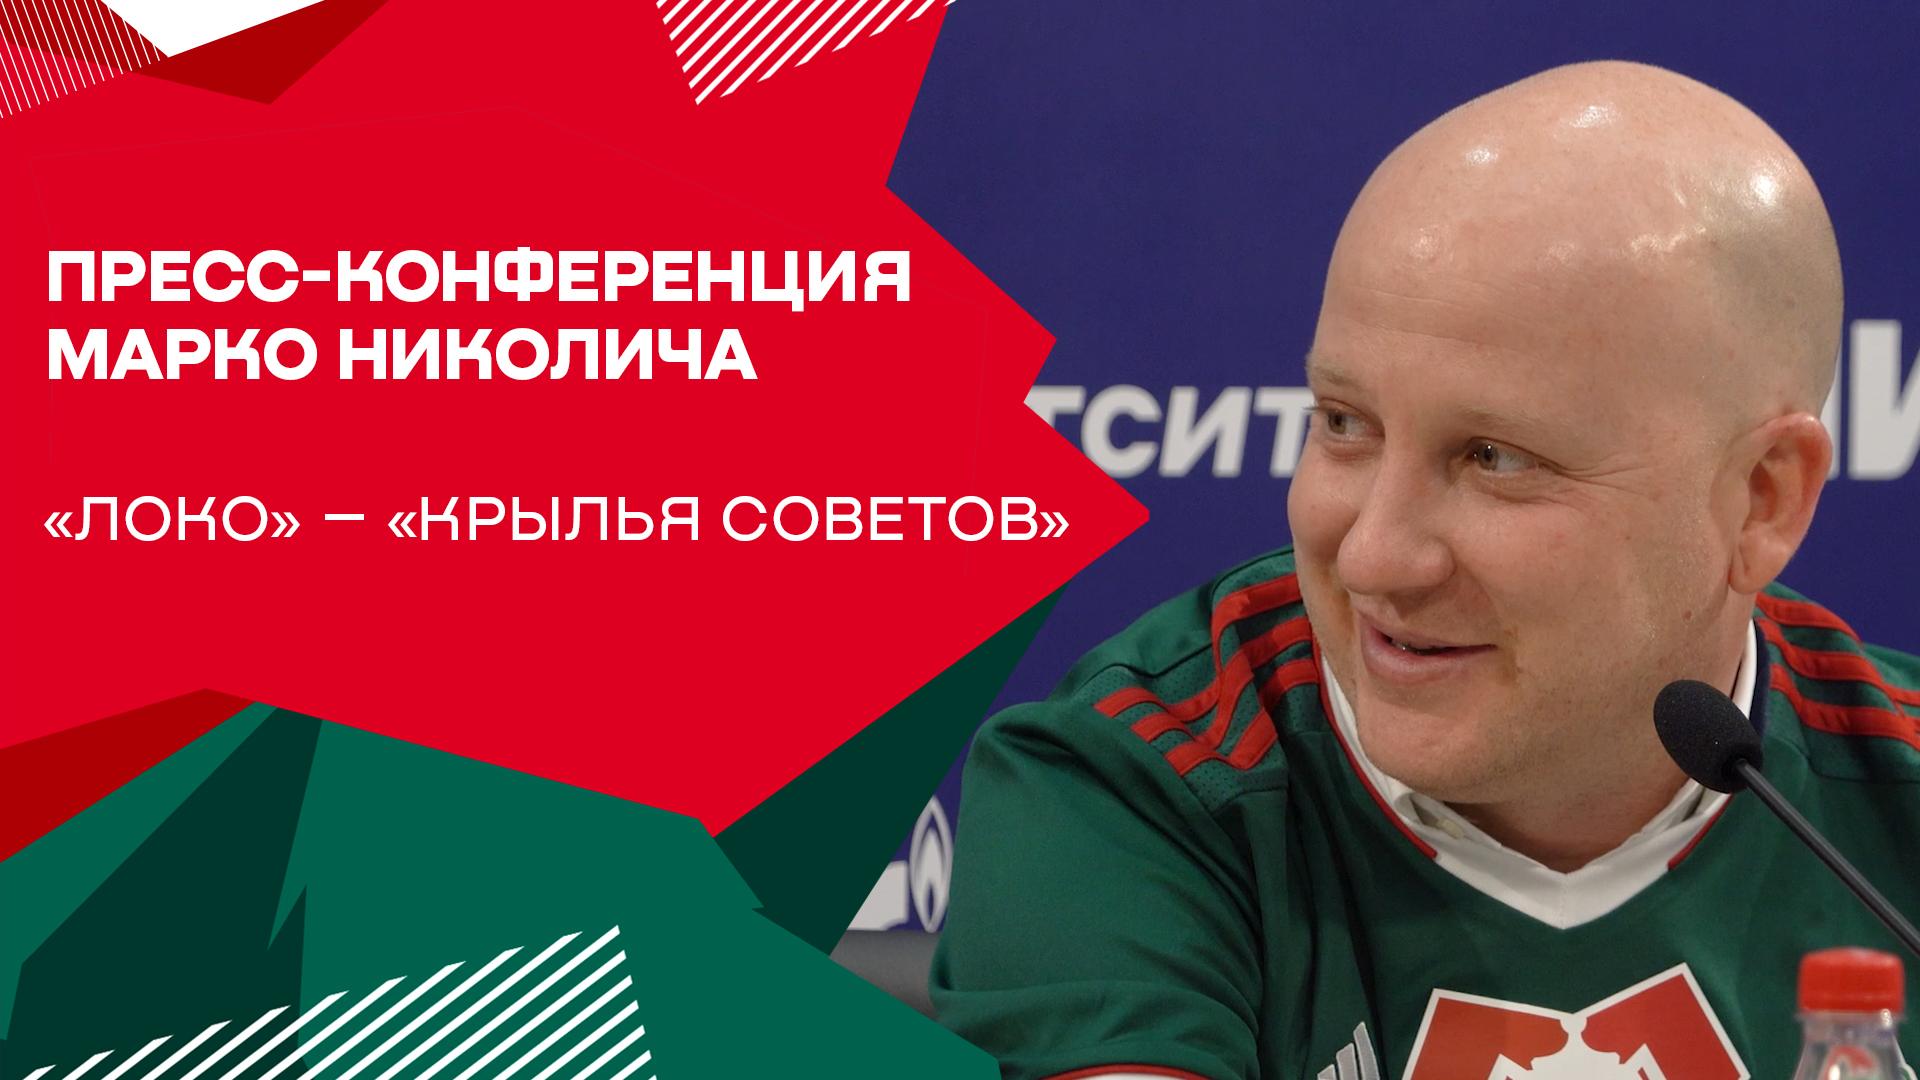 Пресс-конференция Марко Николича после победы в Кубке